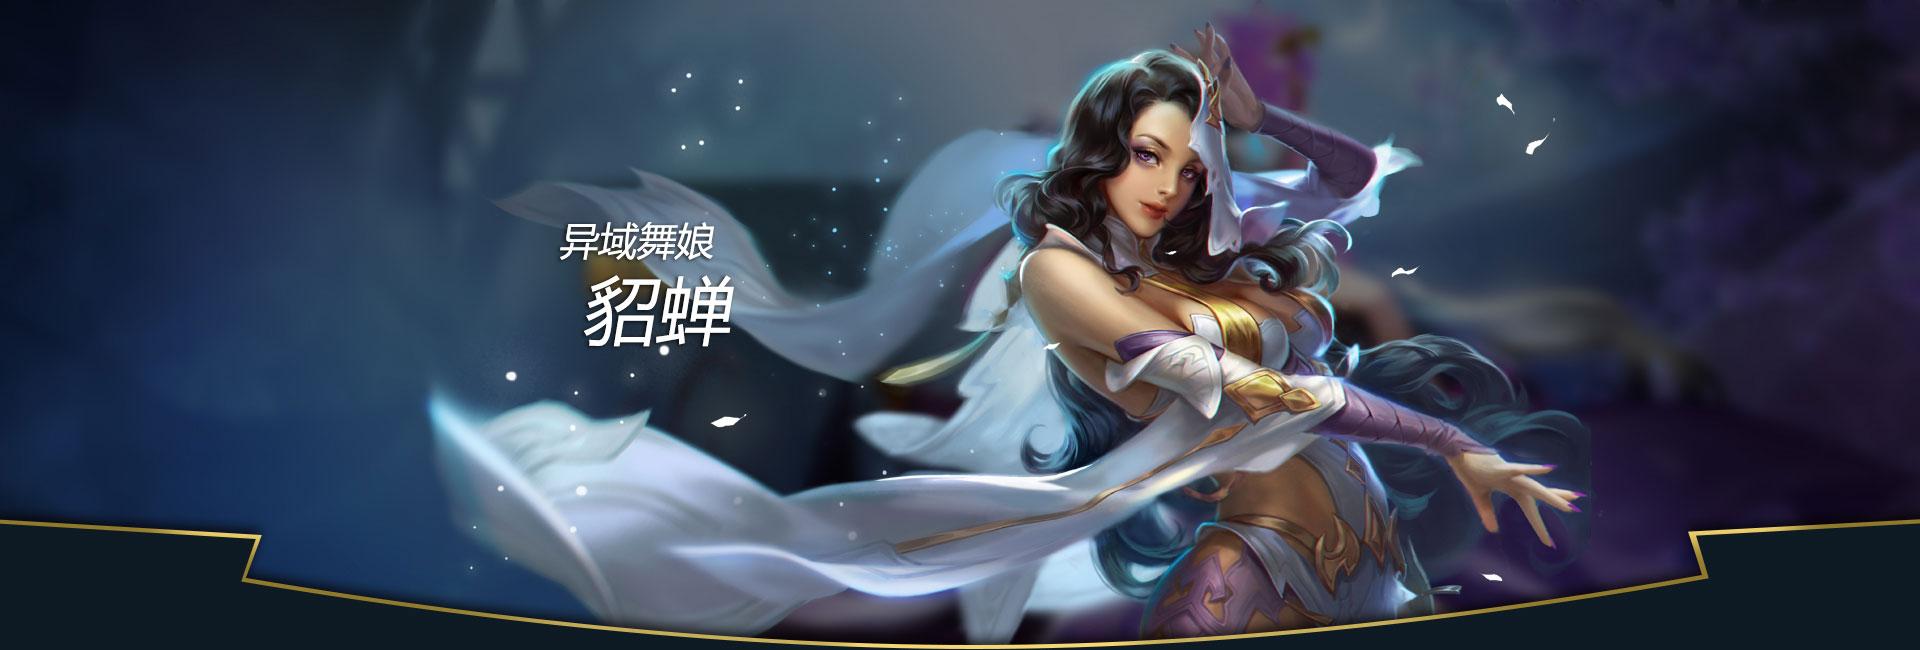 第2弹《王者荣耀英雄皮肤CG》竞技游戏119